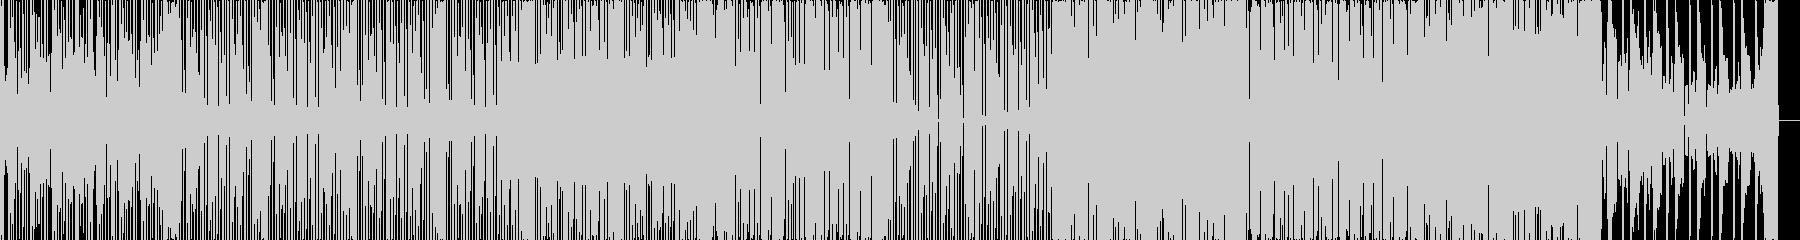 テクノ調のHIPHOPサウンドの未再生の波形